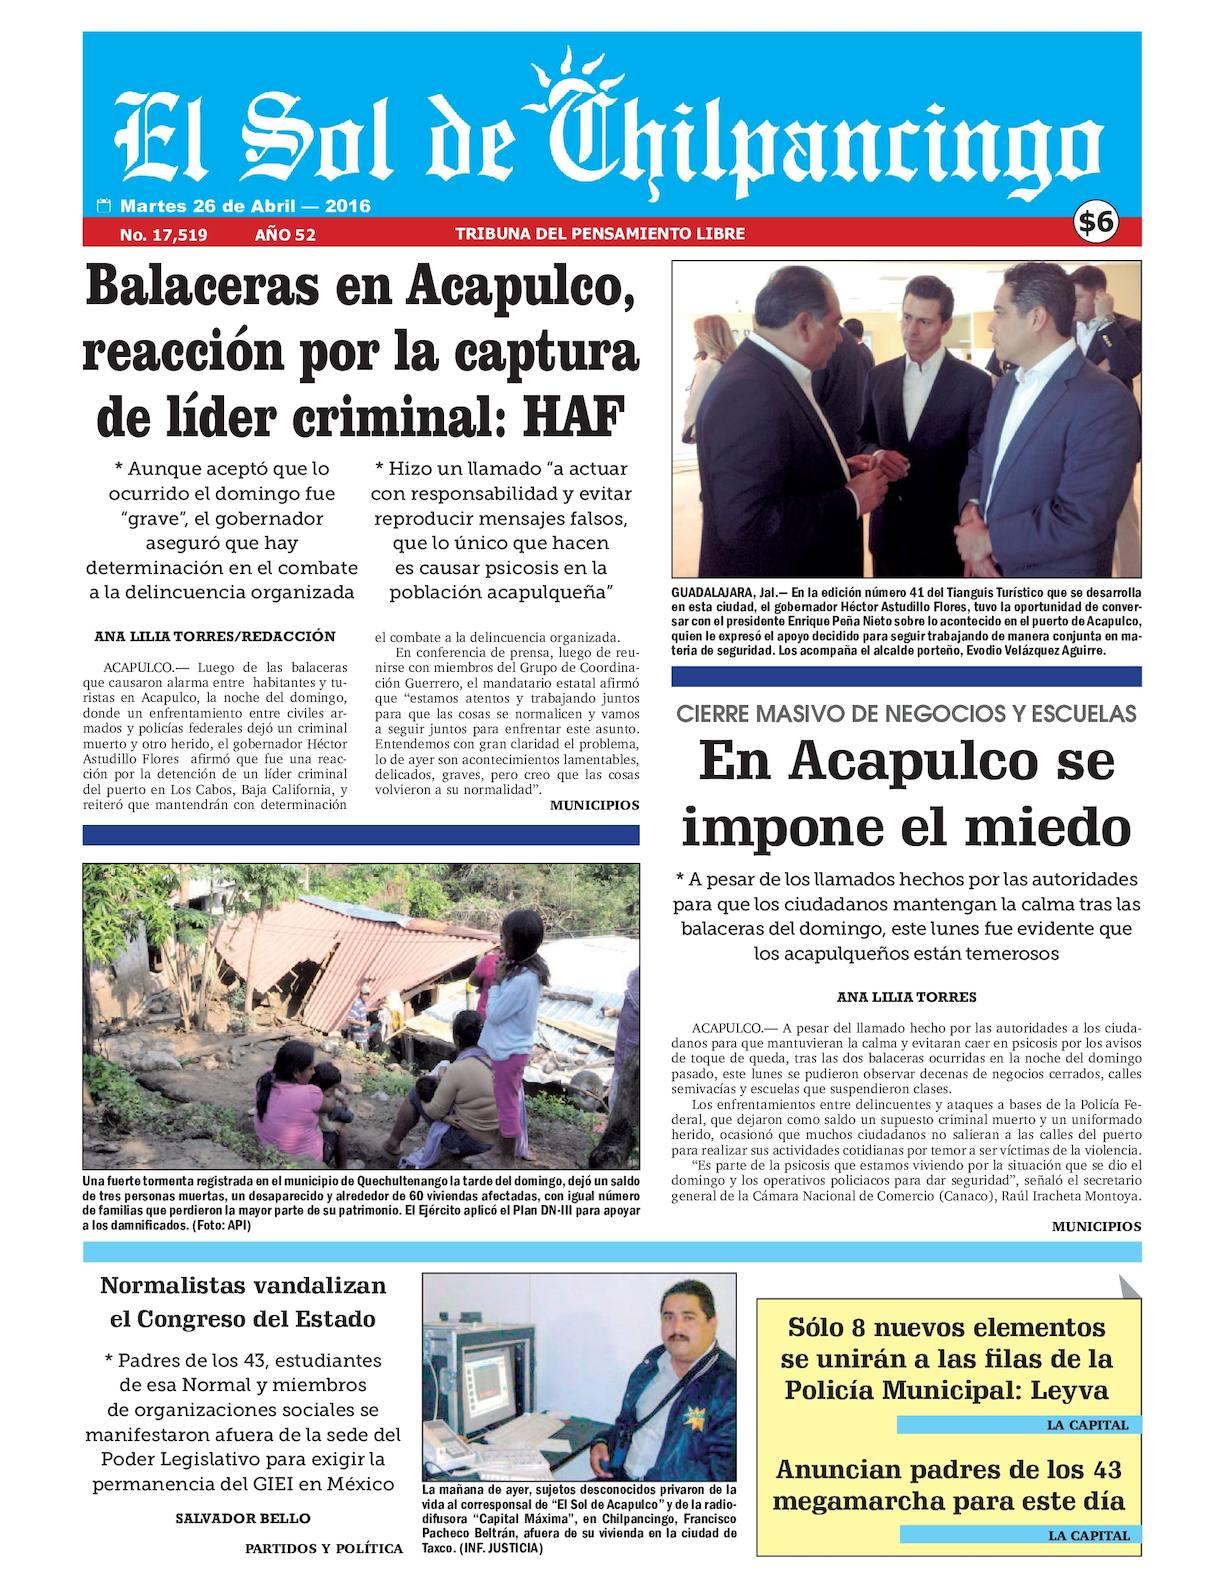 Calaméo - El Sol De Chilpancingo 26 Abril 2016